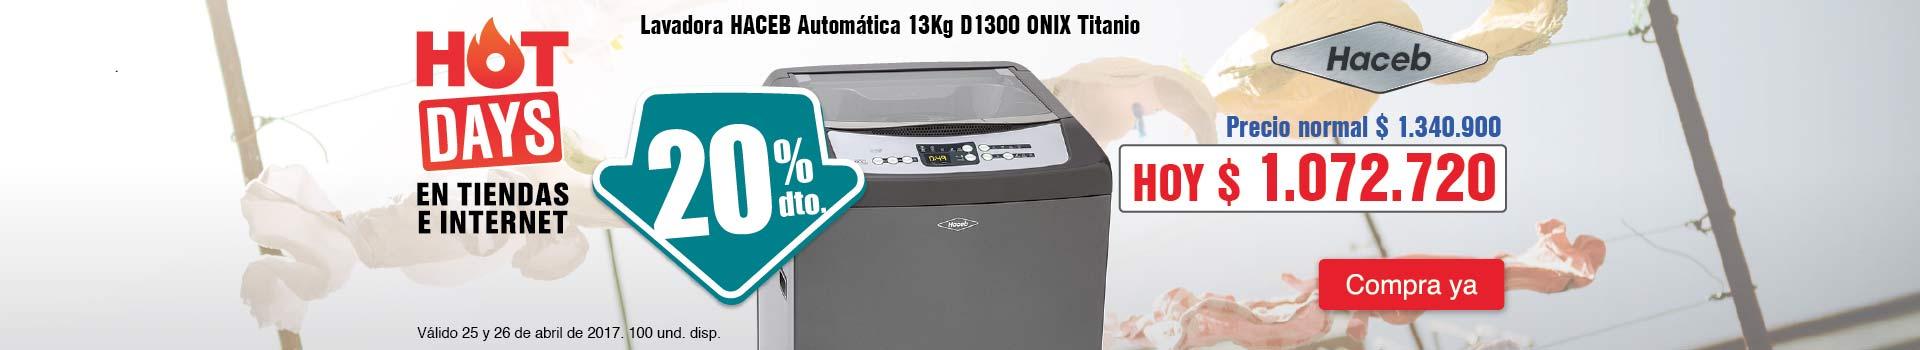 CAT ELECT - abril 25 - Lavadora HACEB Automática 13Kg D1300 ONIX Titanio